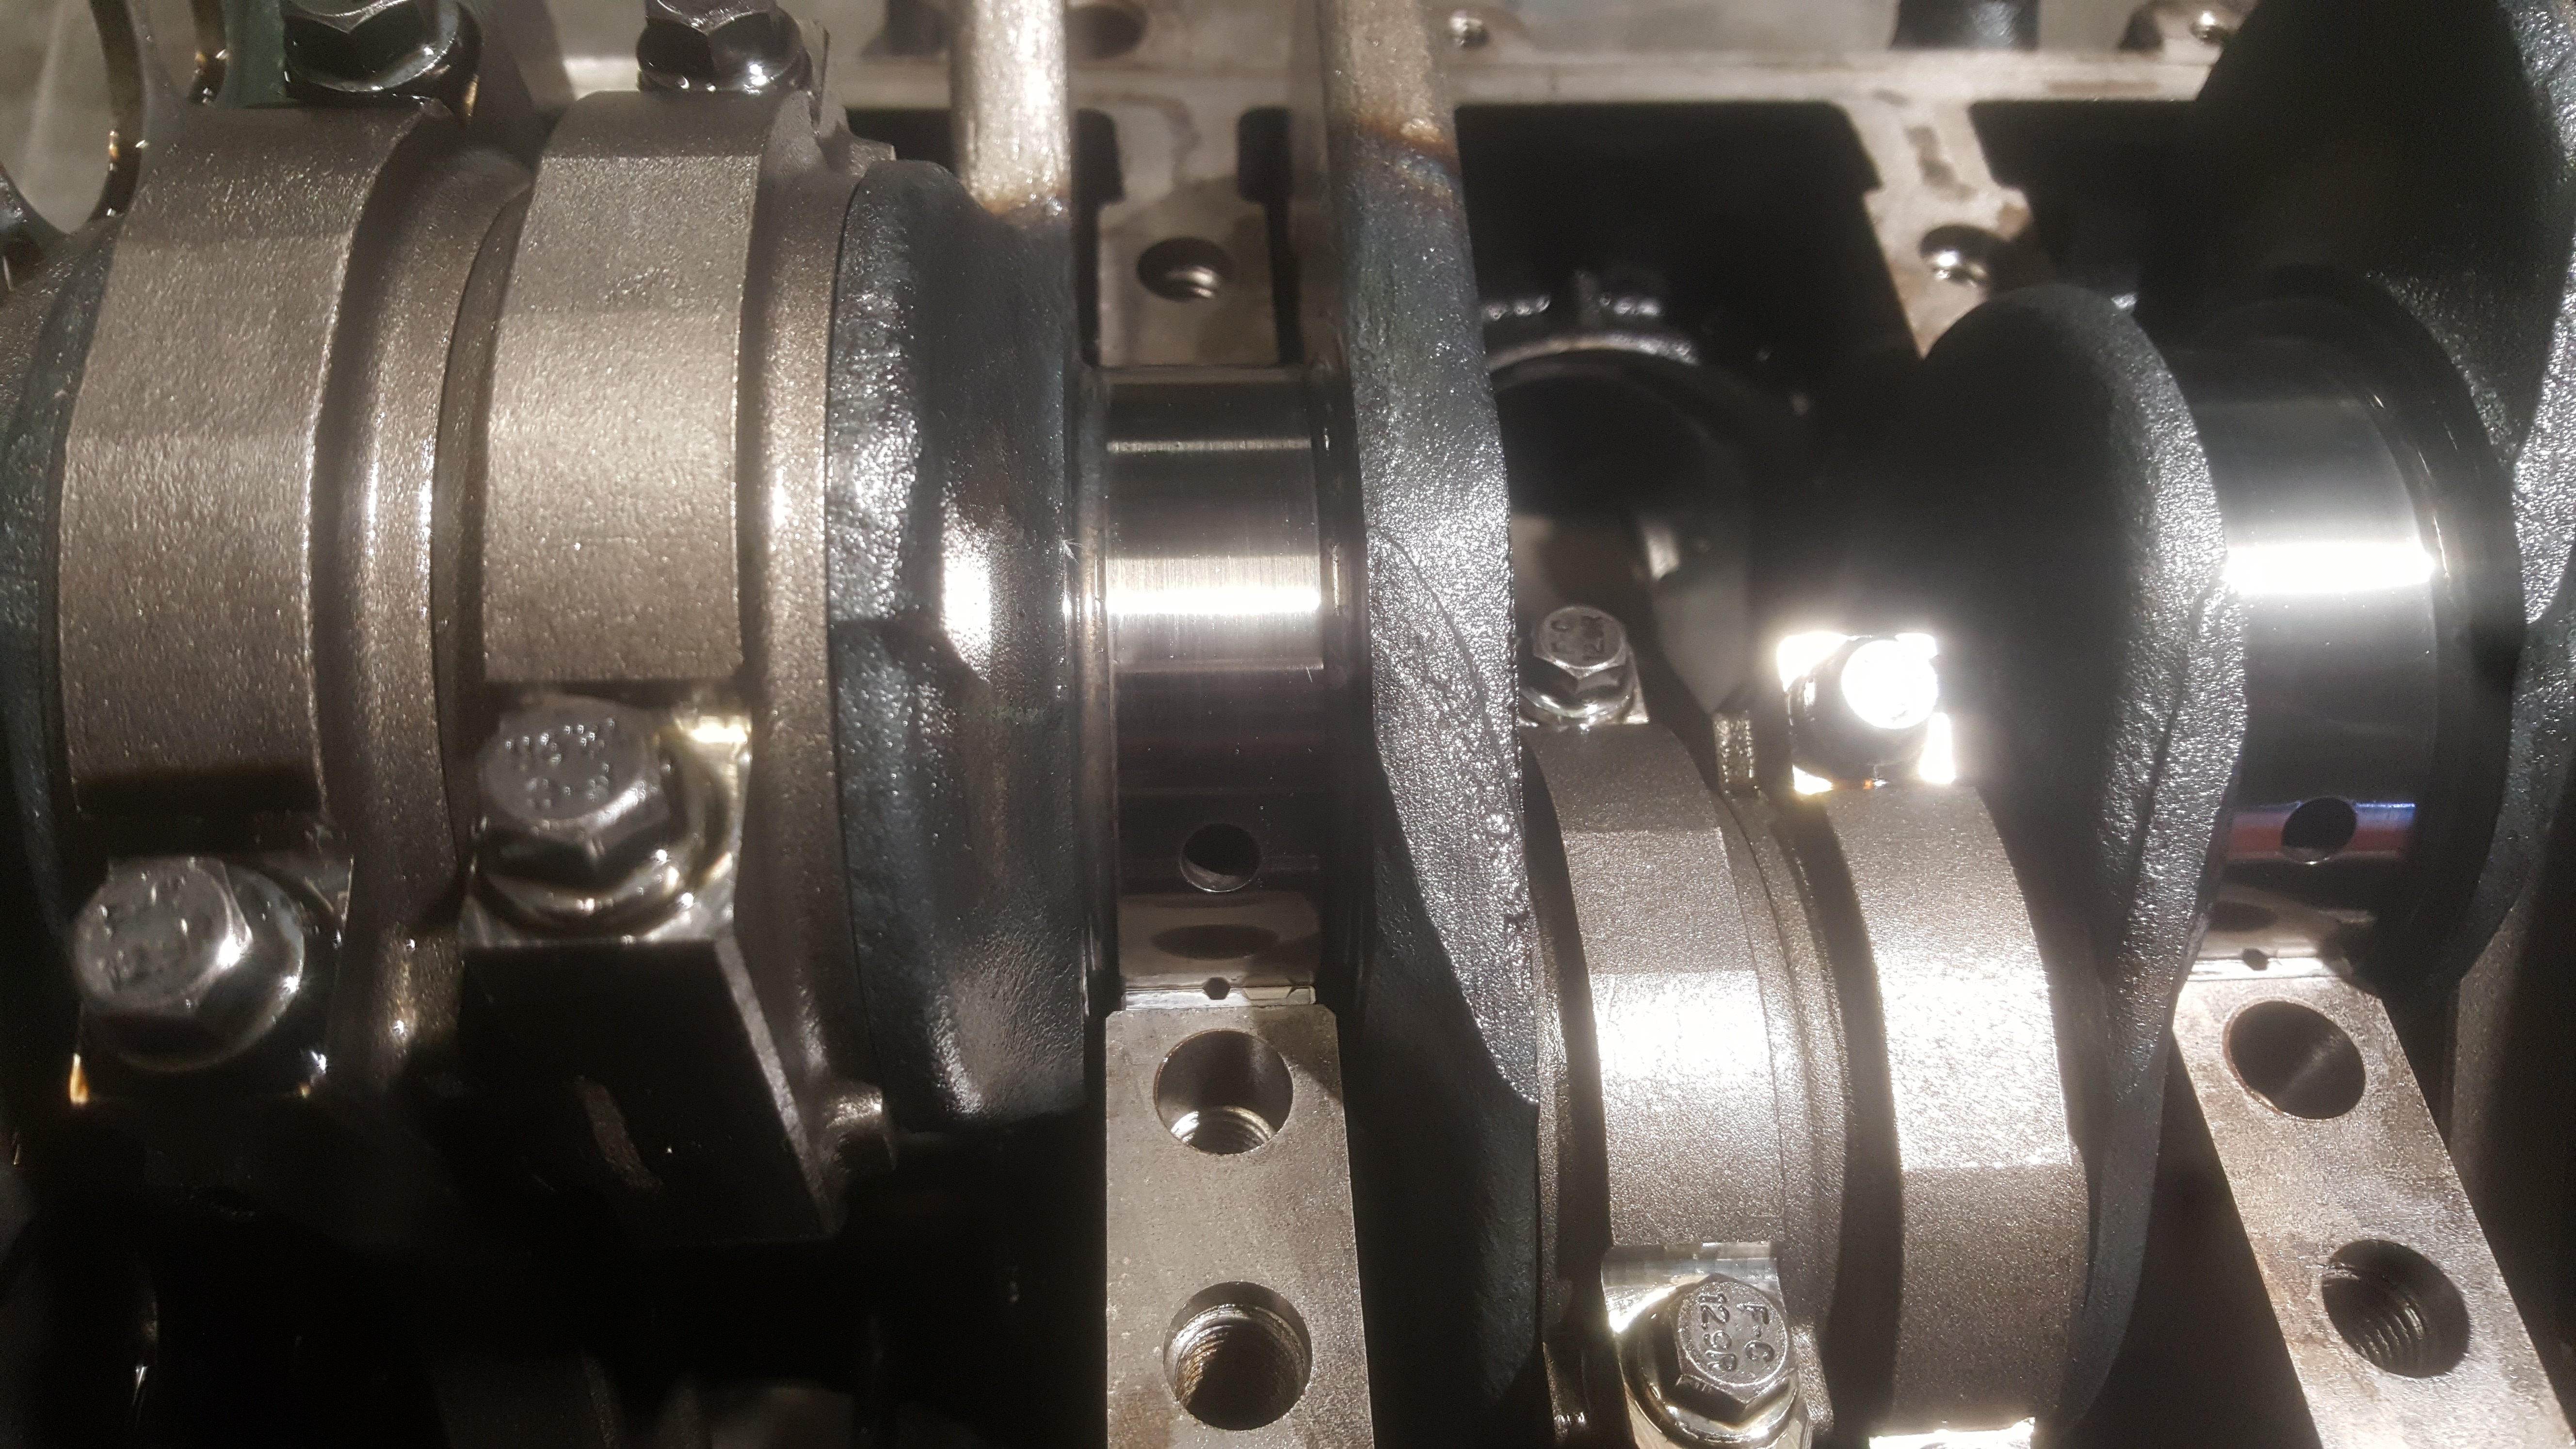 6.0 Powerstroke Specs >> 6.0 main bearing question. - Ford Powerstroke Diesel Forum